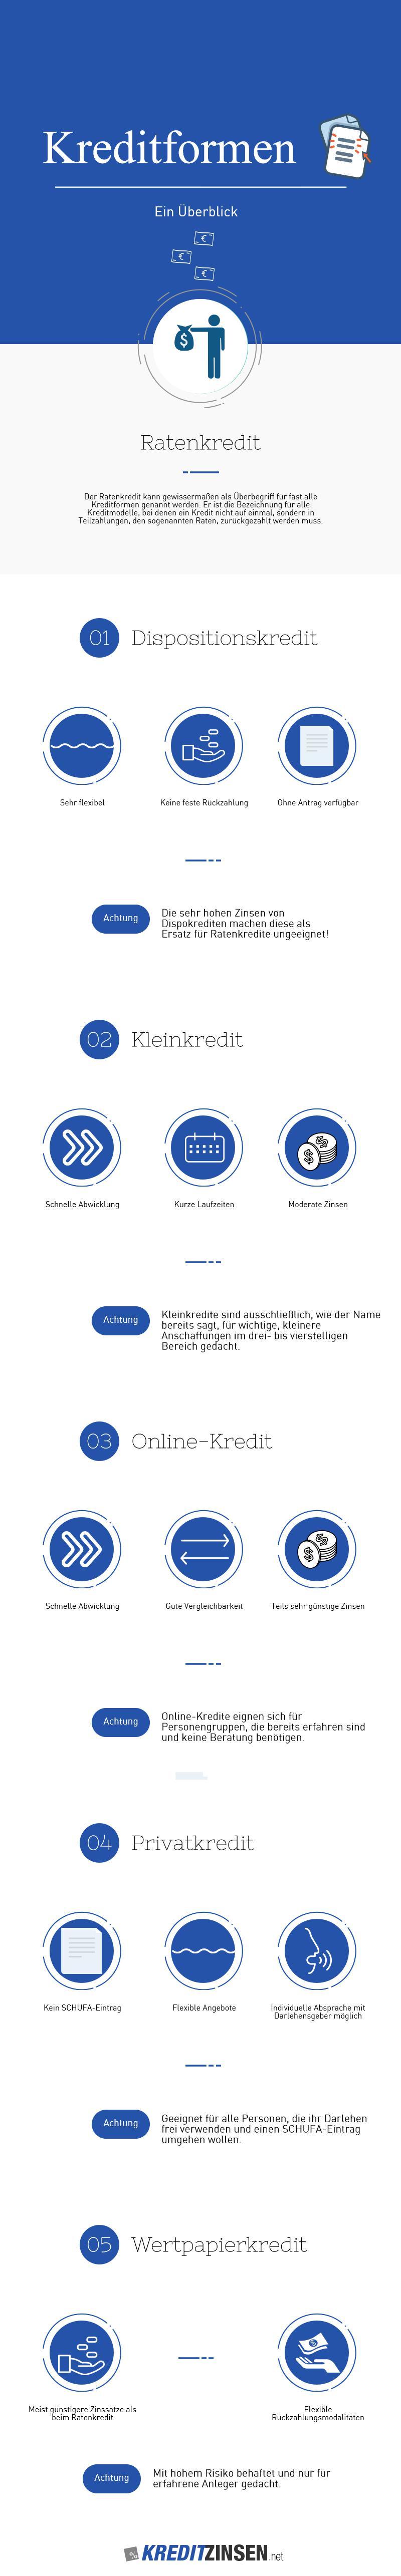 Infografik über wichtige Kreditformen und ihre Vorteile